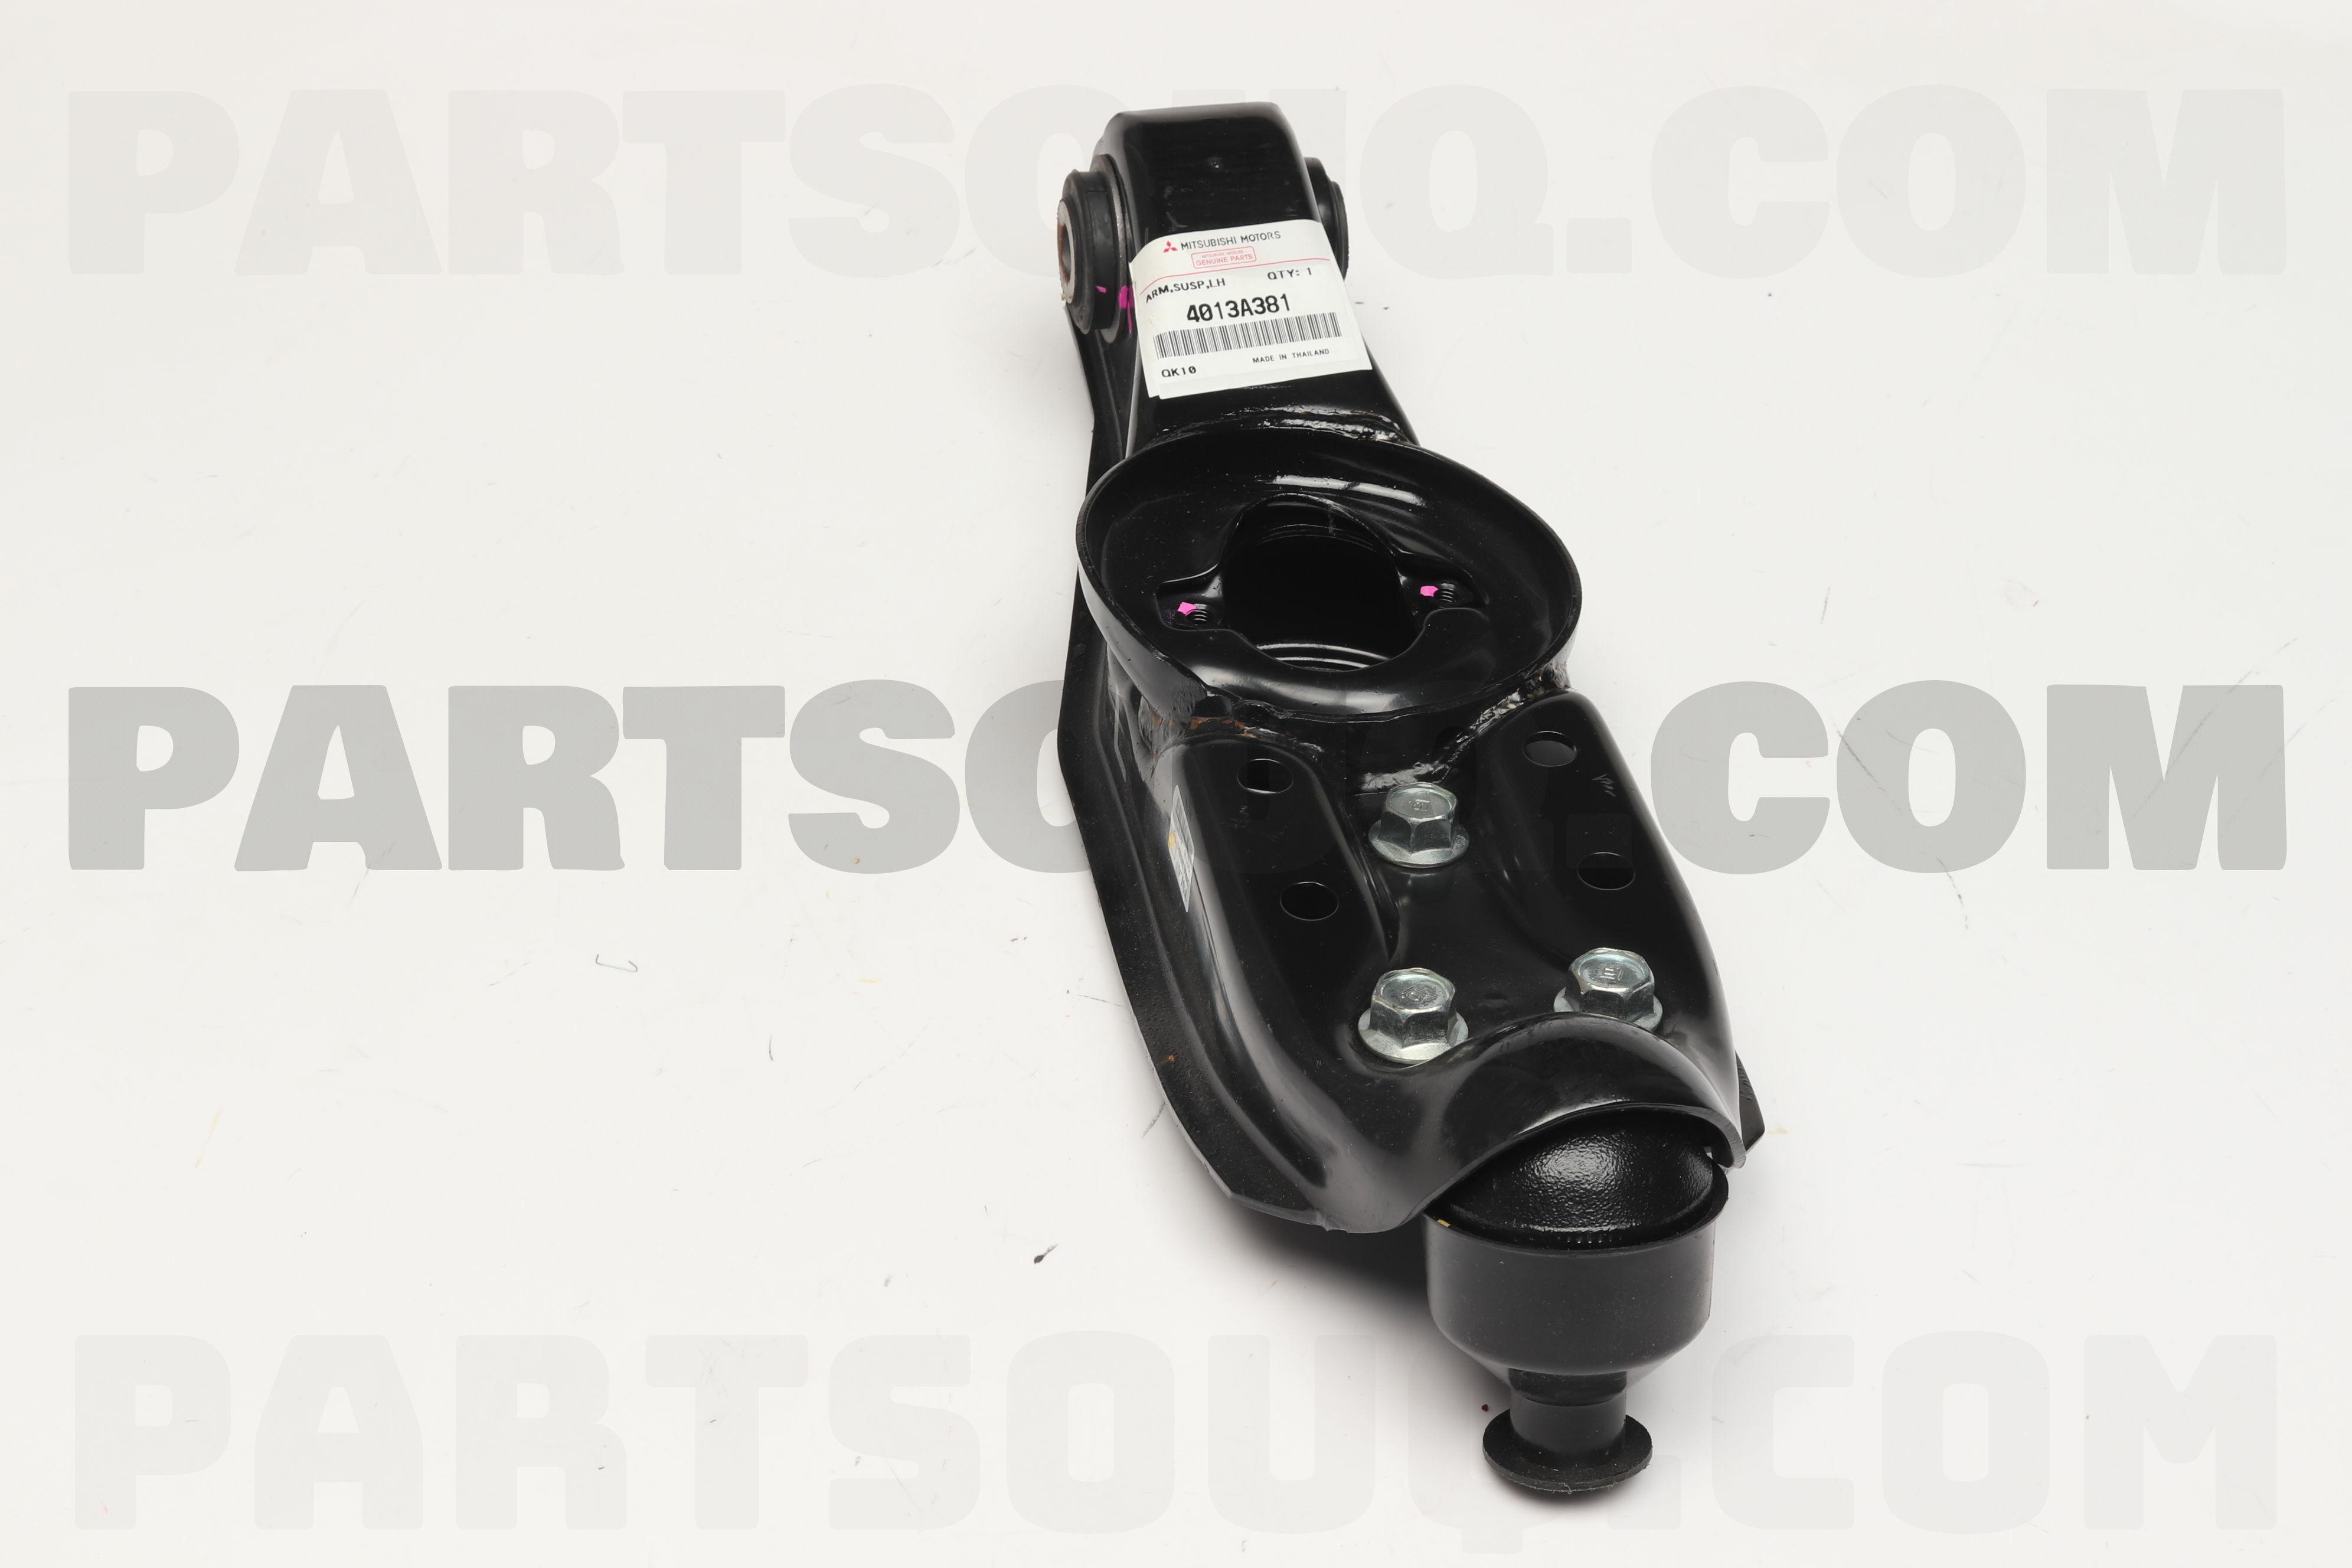 4013a381 Mitsubishi Arm Assy Fr Susp Lwr Lh Price 136 75 Weight 4 7kg Partsouq Auto Parts Around The World